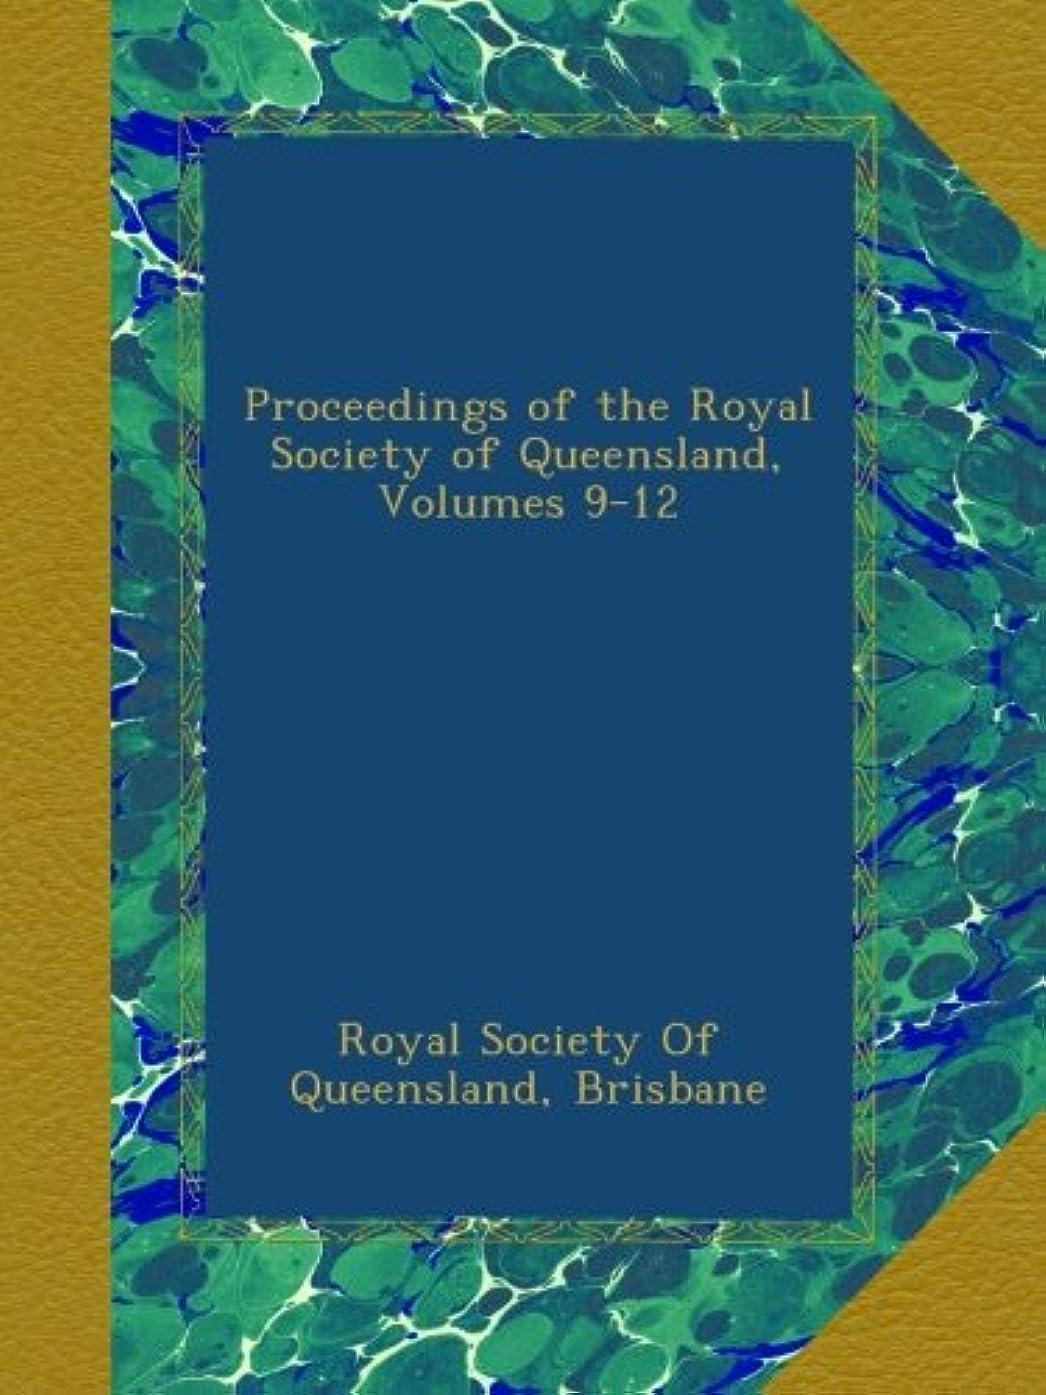 小川信頼ポルトガル語Proceedings of the Royal Society of Queensland, Volumes 9-12